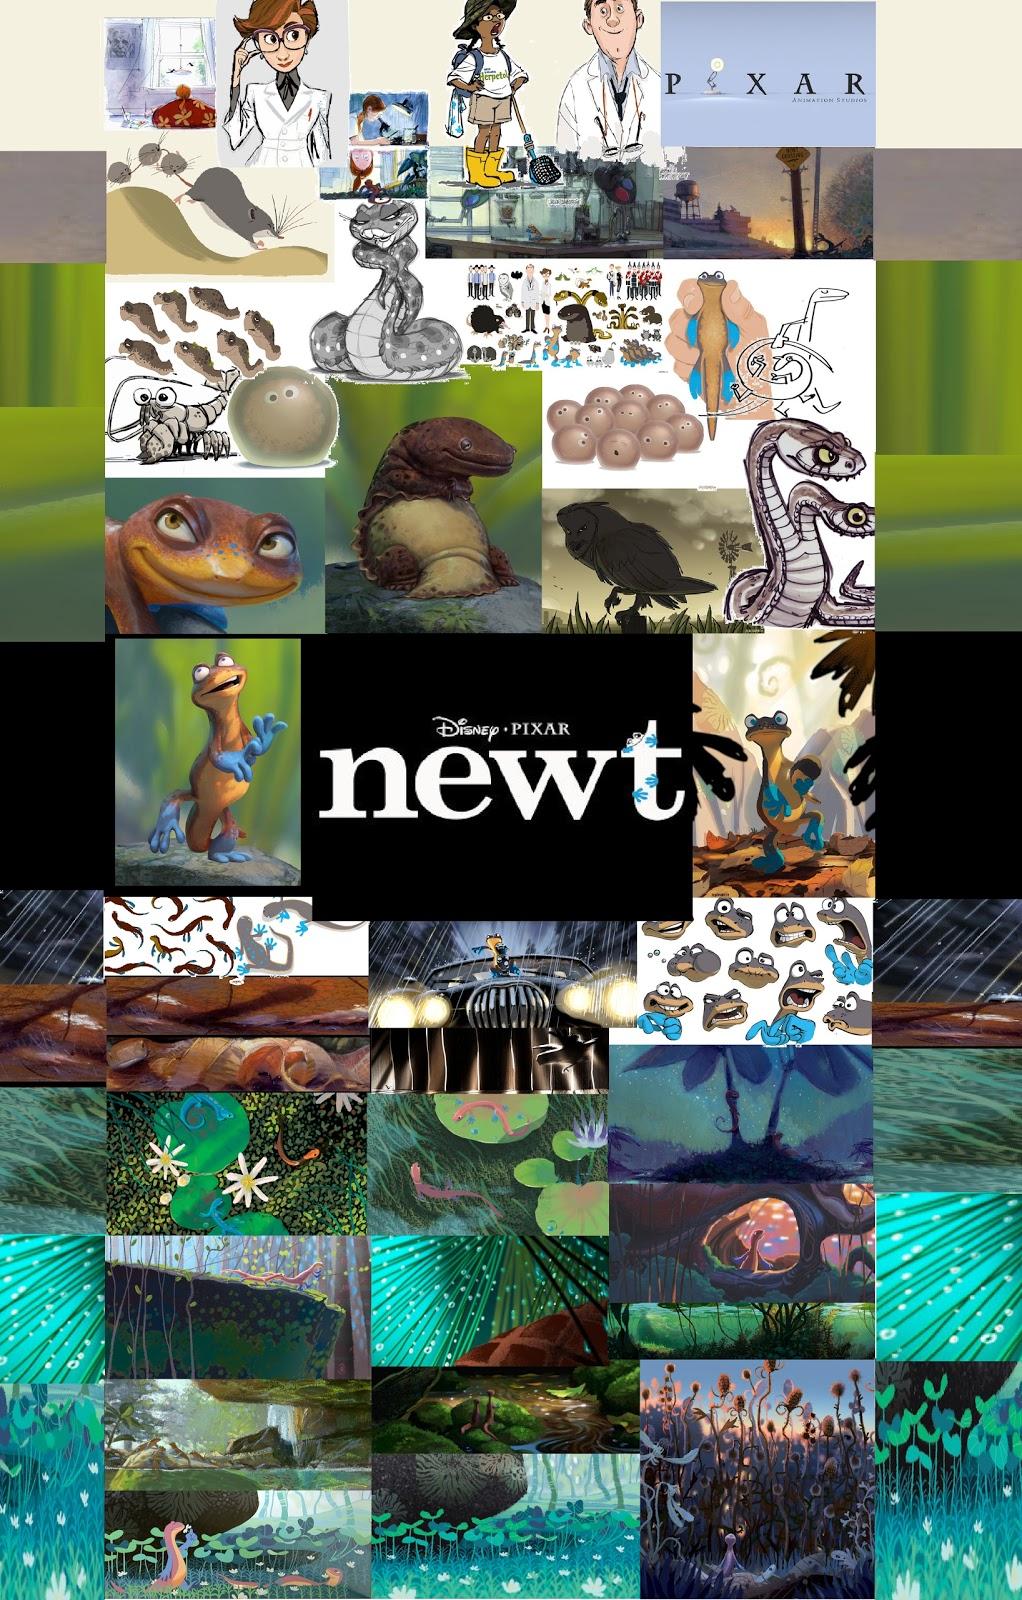 http://2.bp.blogspot.com/-1X-tpv2KgqU/TZIPJFHdVtI/AAAAAAAAAZI/q54y32A_zoE/s1600/Newt+Poster.jpg